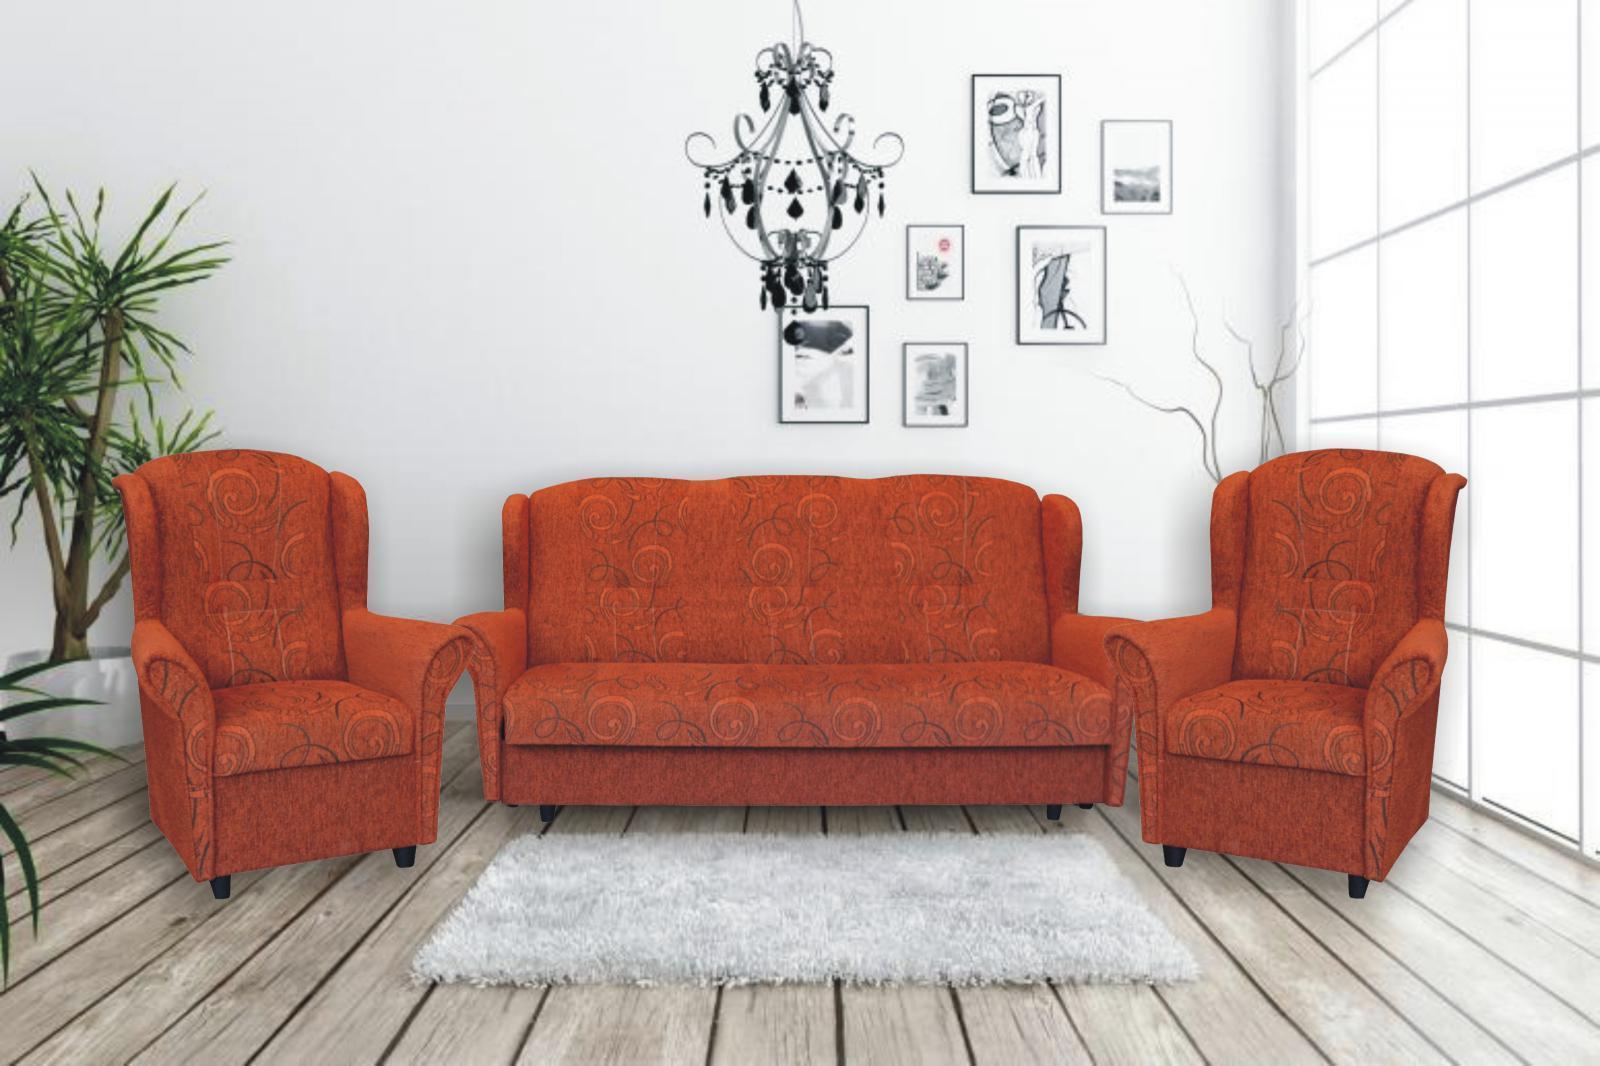 Sedacia súprava Agáta MAX 3F + 1 + 1 Farba: Oranžová